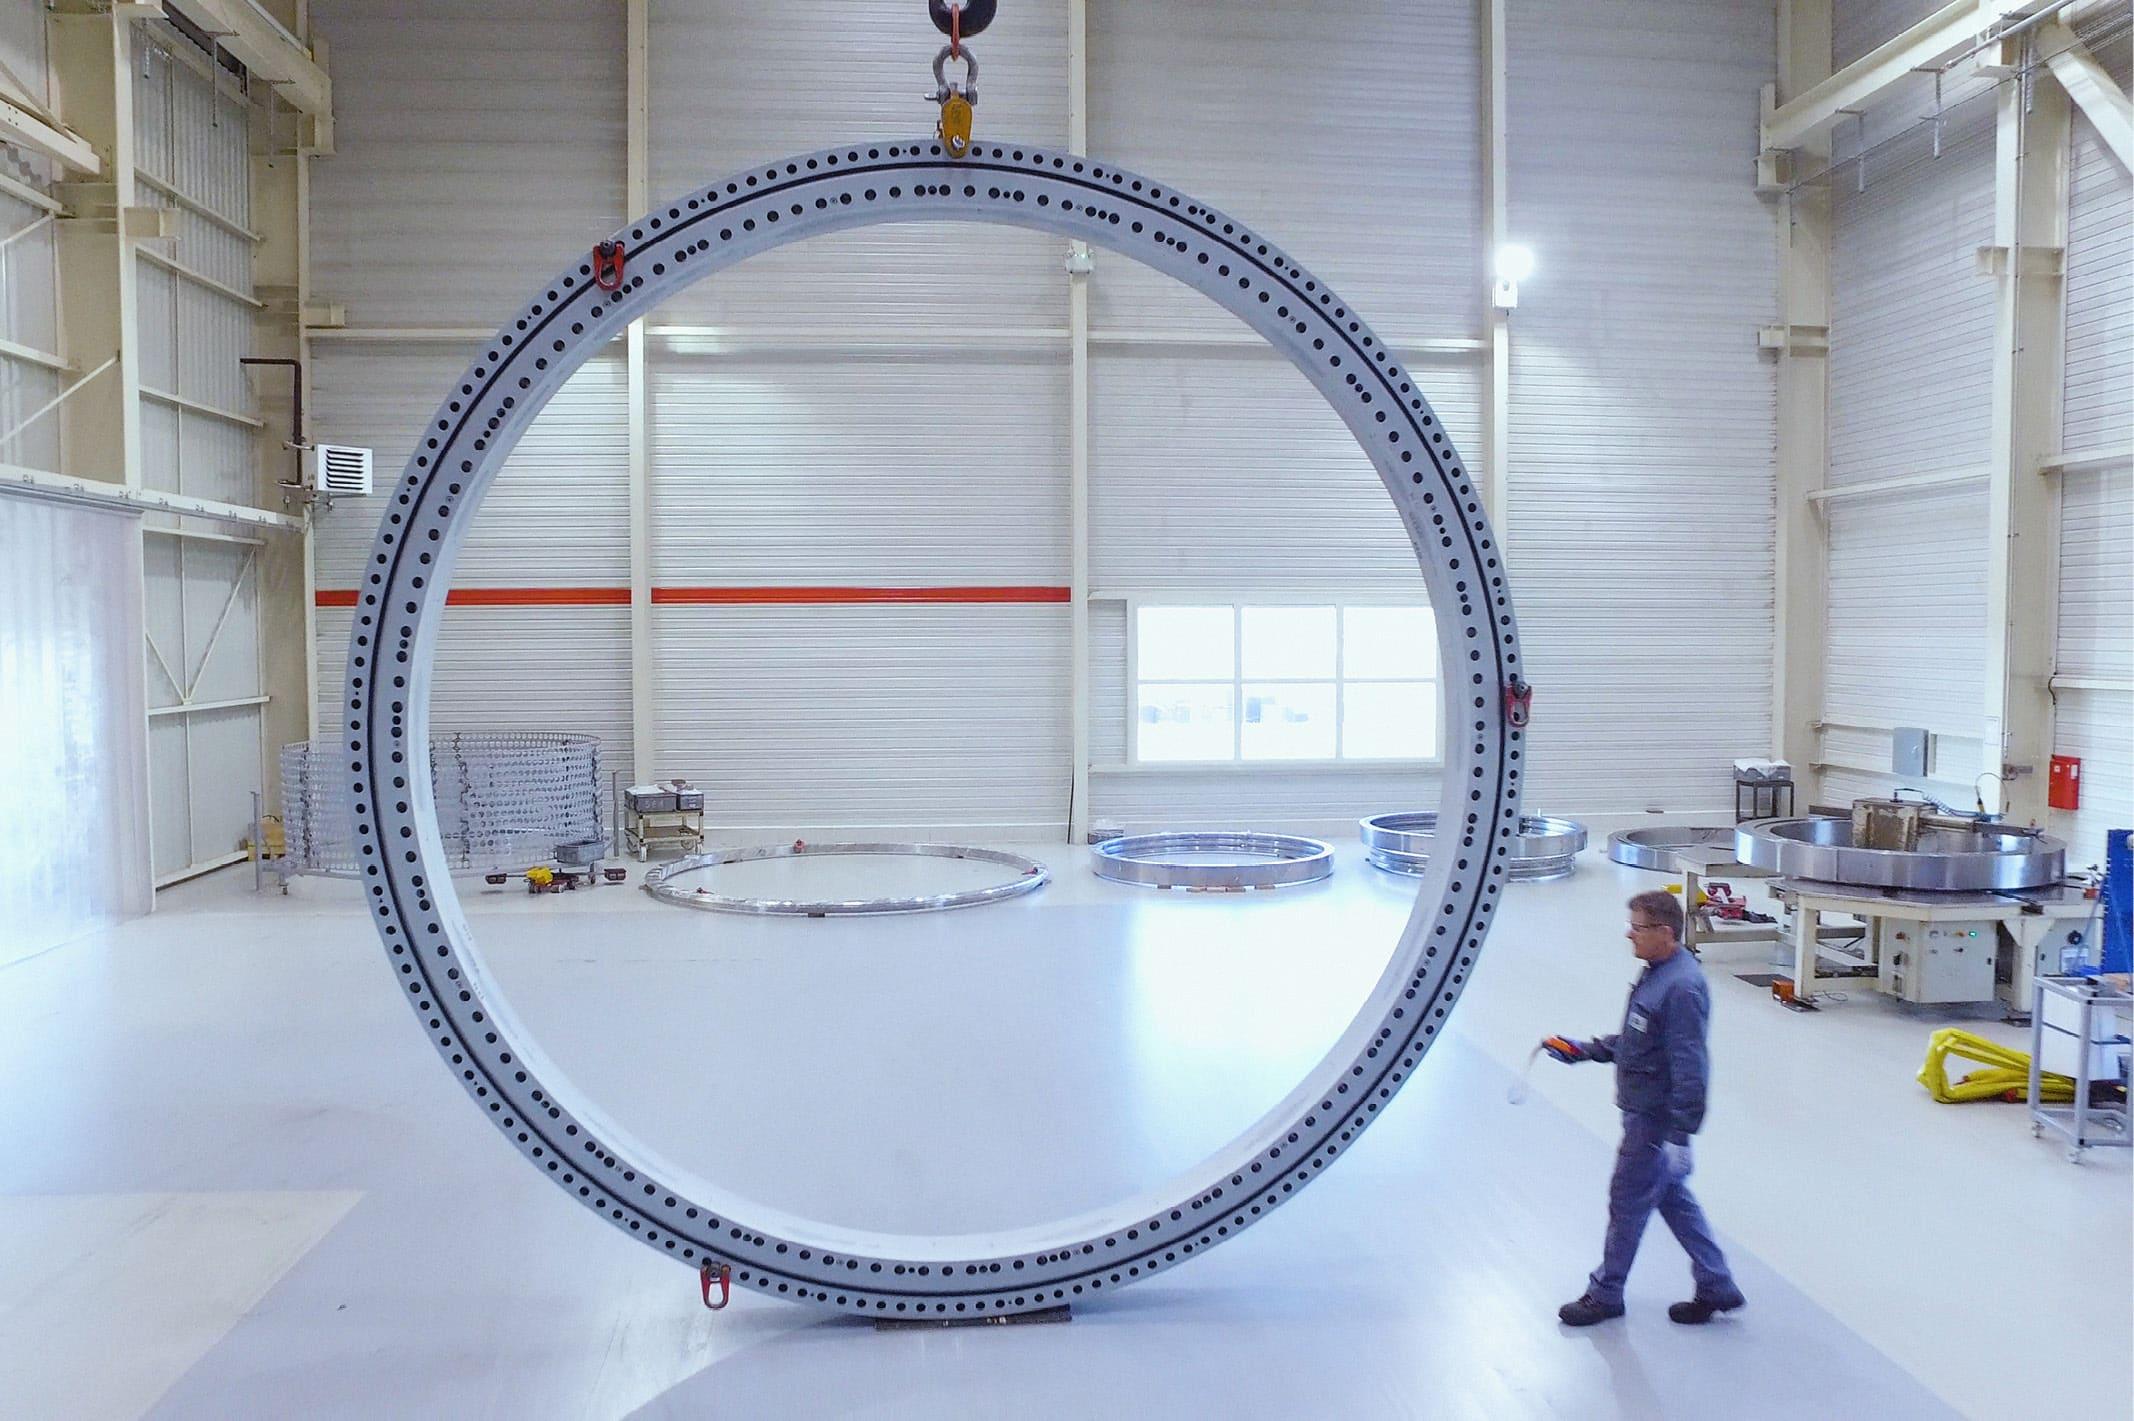 Rollix est expert en conception de couronnes d'orientation allant de 10 centimètres à 6 mètres de diamètre.